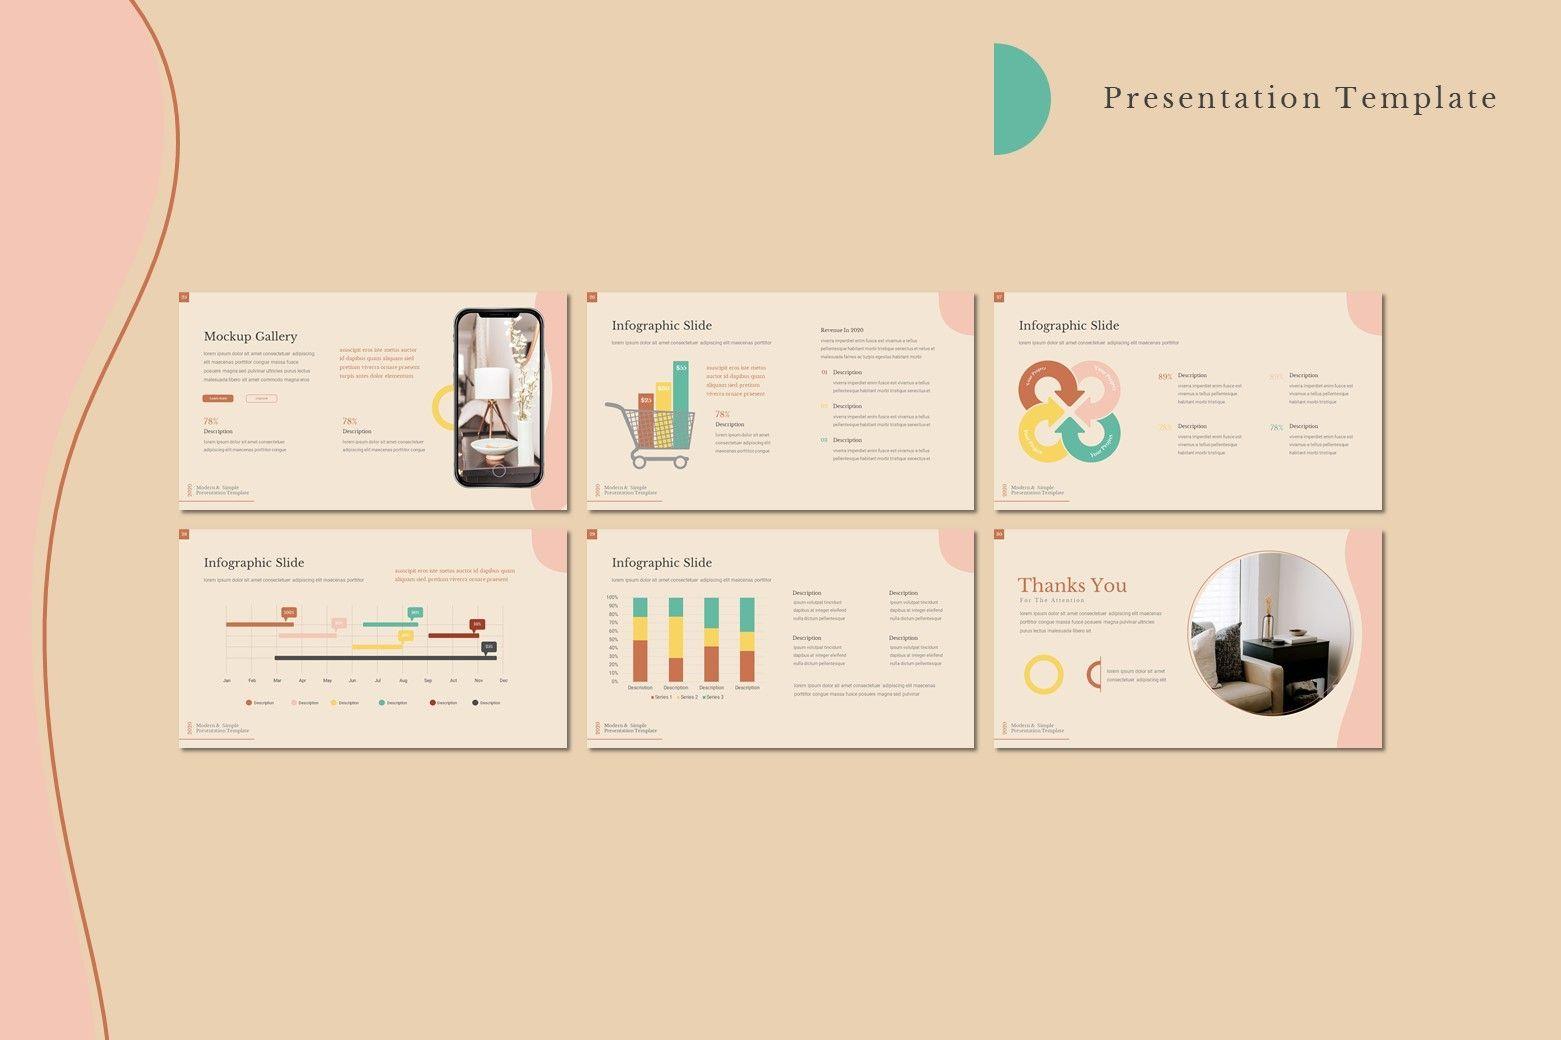 Moremas - Google Slides Template, Slide 4, 08002, Presentation Templates — PoweredTemplate.com